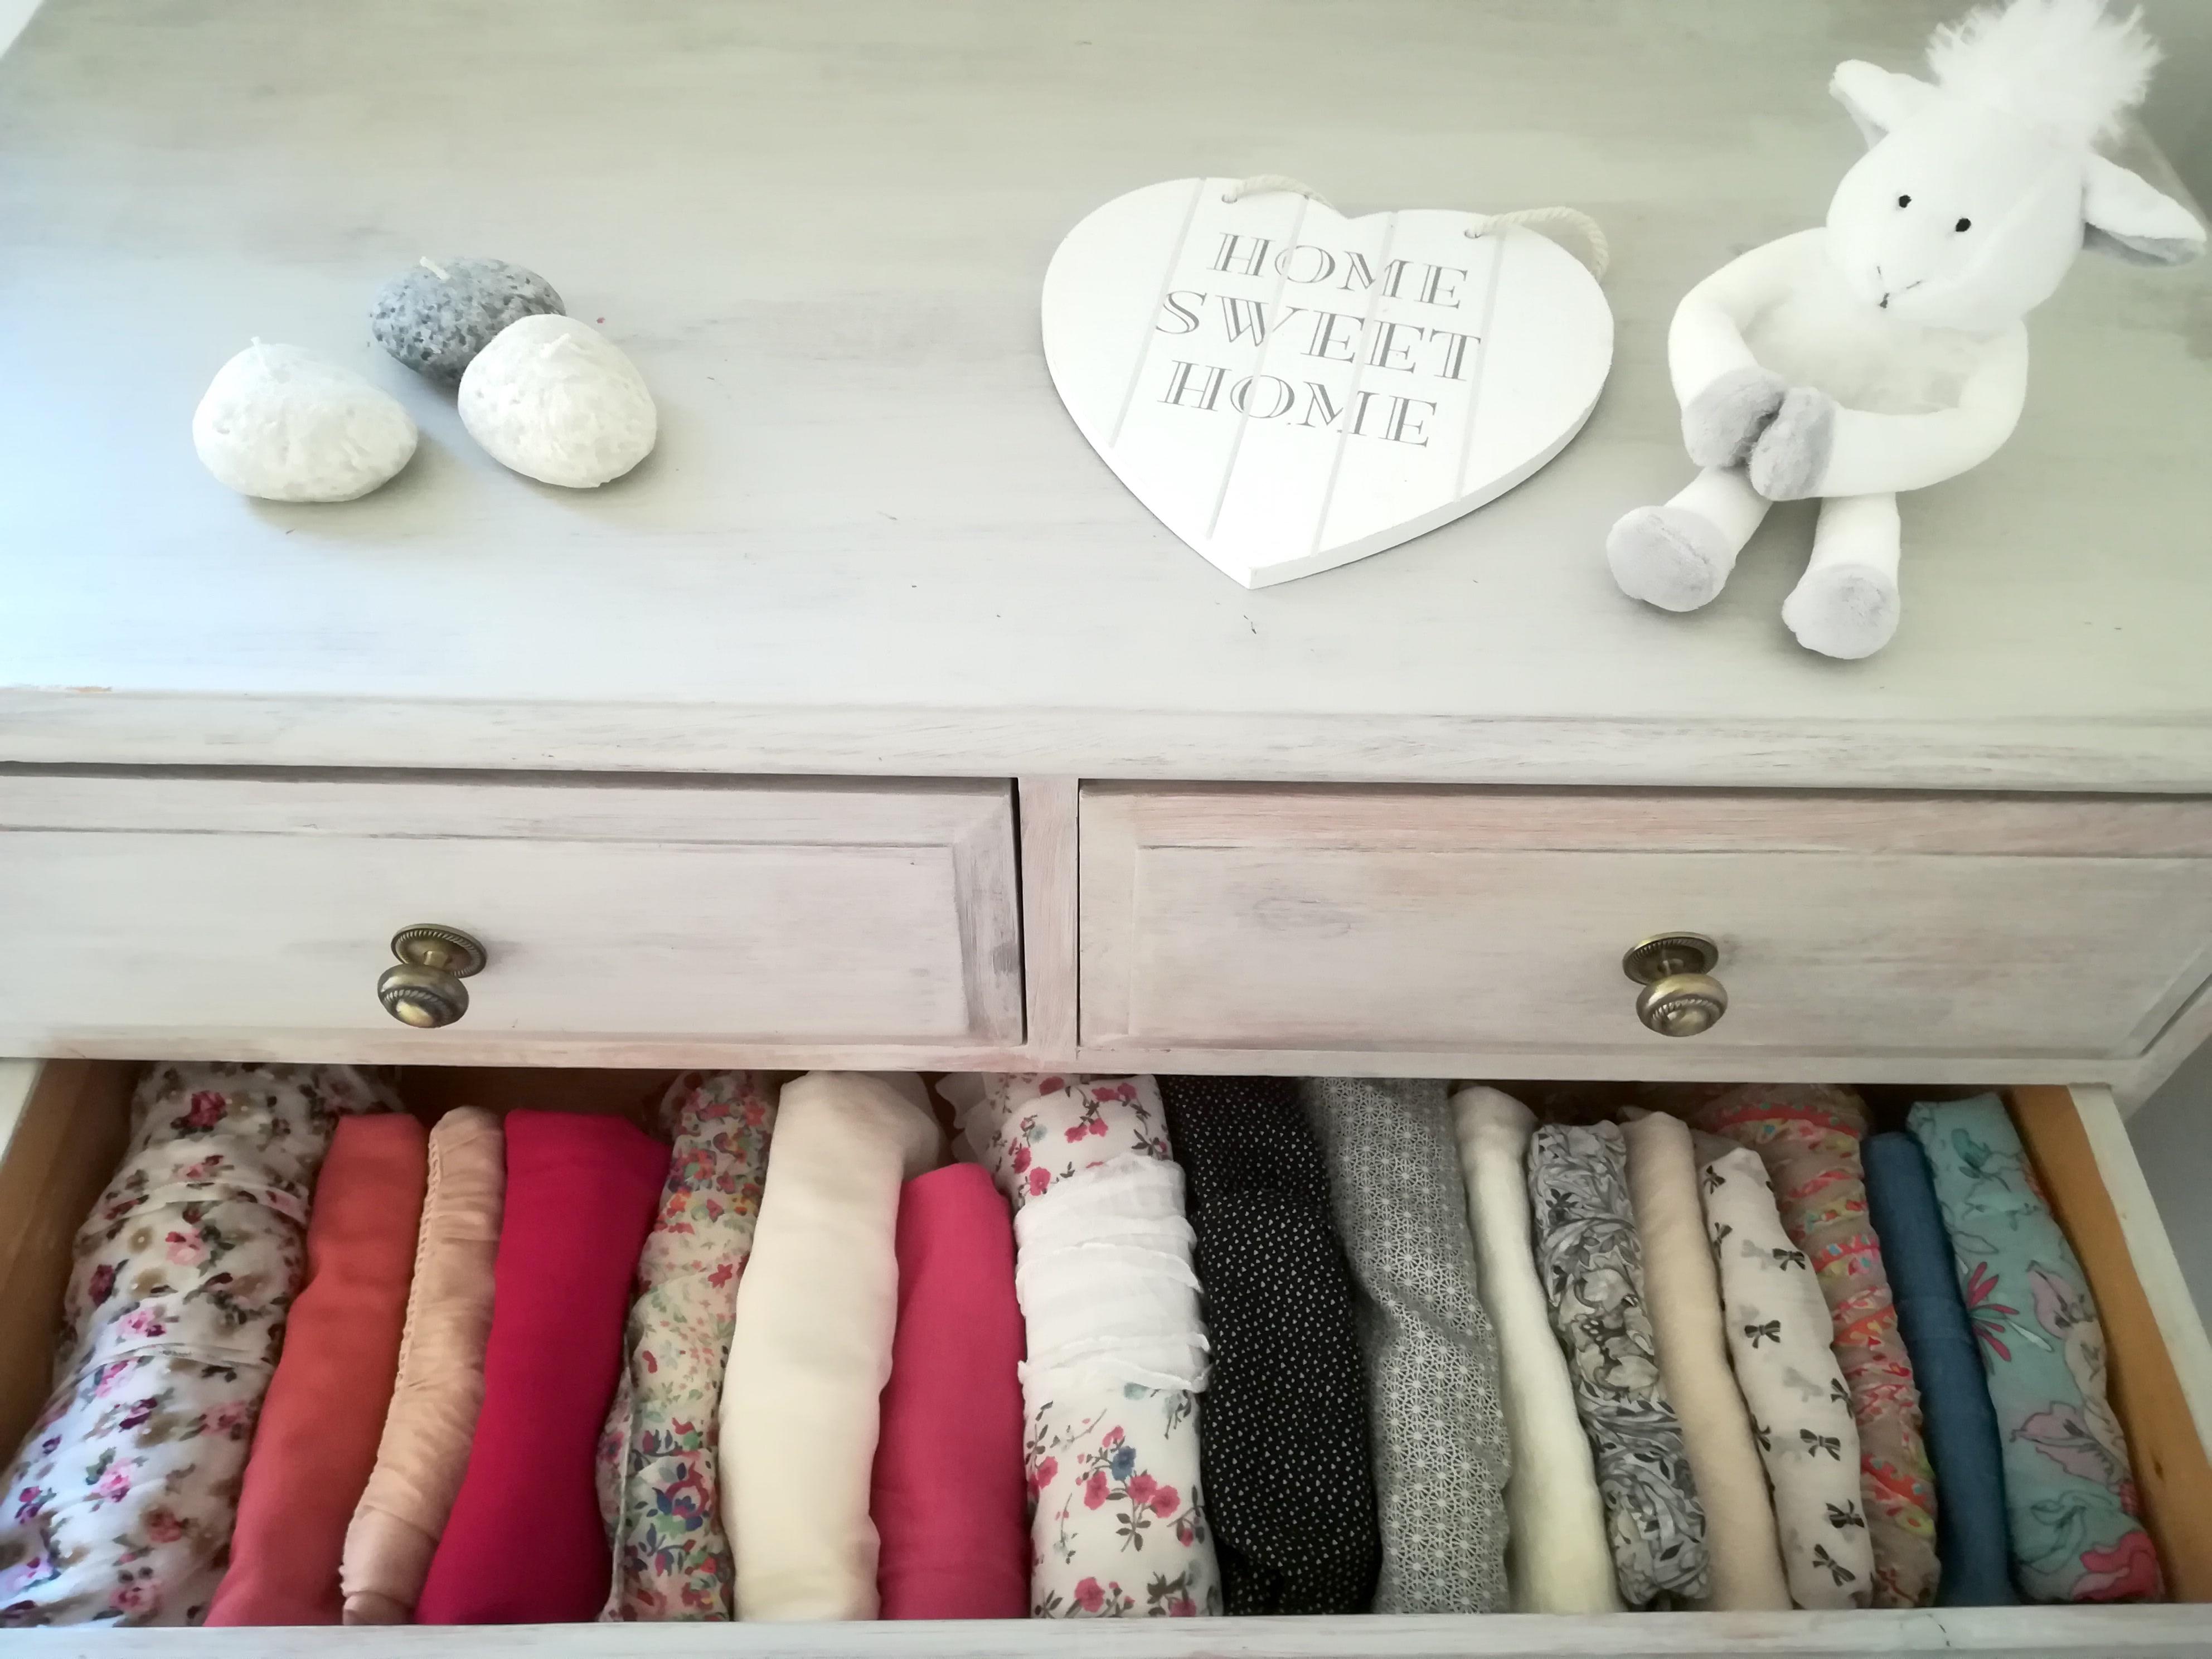 excellent si vous aussi vous souhaitez garder une maison range et organise afin duatteindre ce. Black Bedroom Furniture Sets. Home Design Ideas